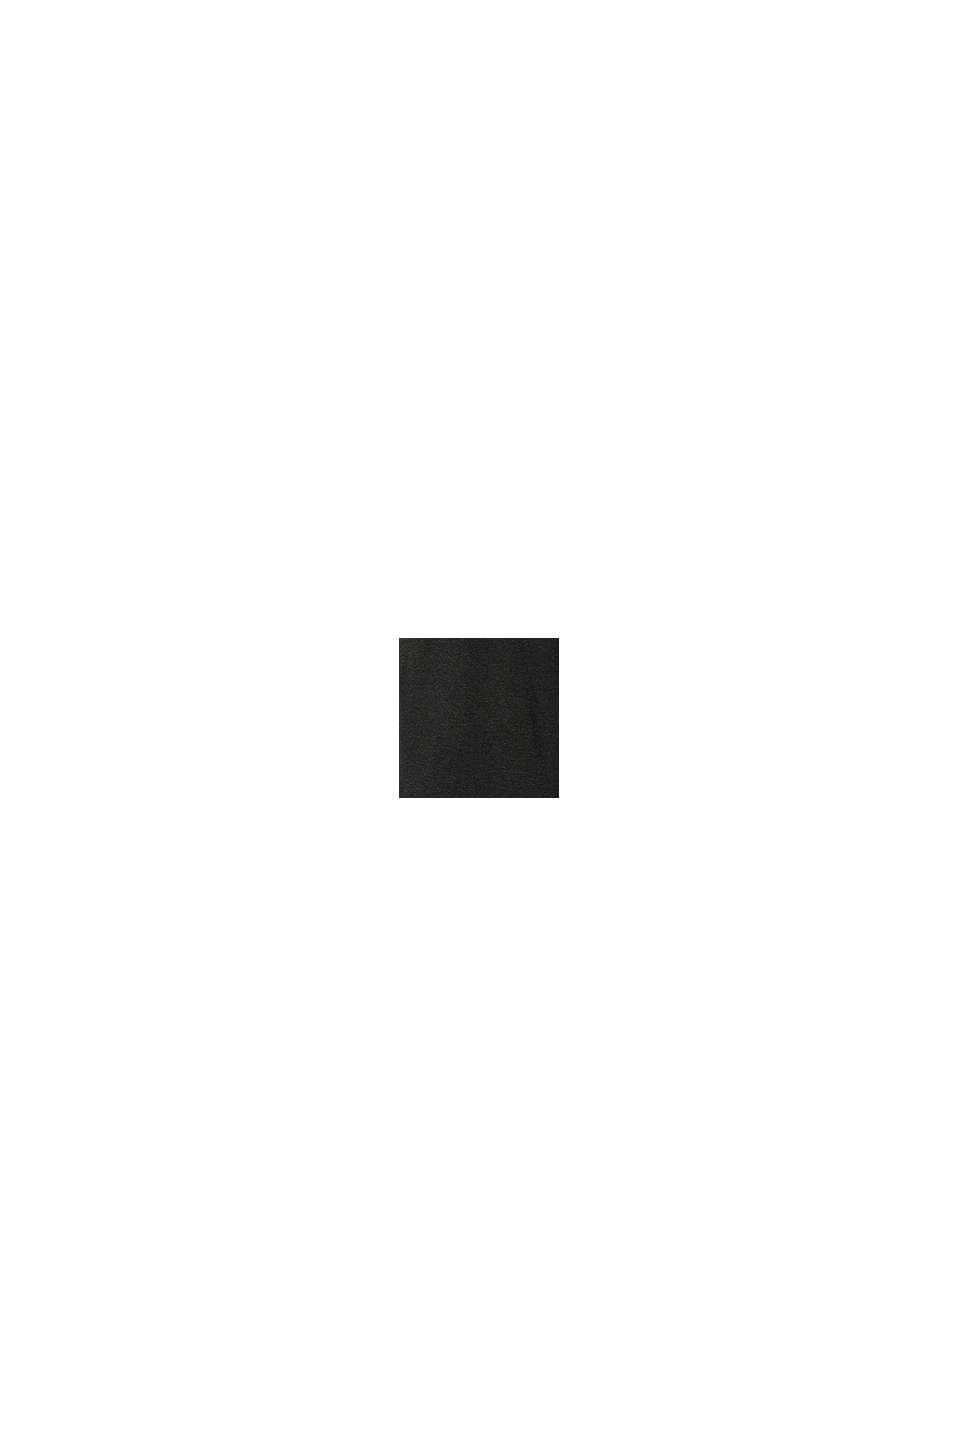 Jersey top met geknoopte bandjes, BLACK INK, swatch